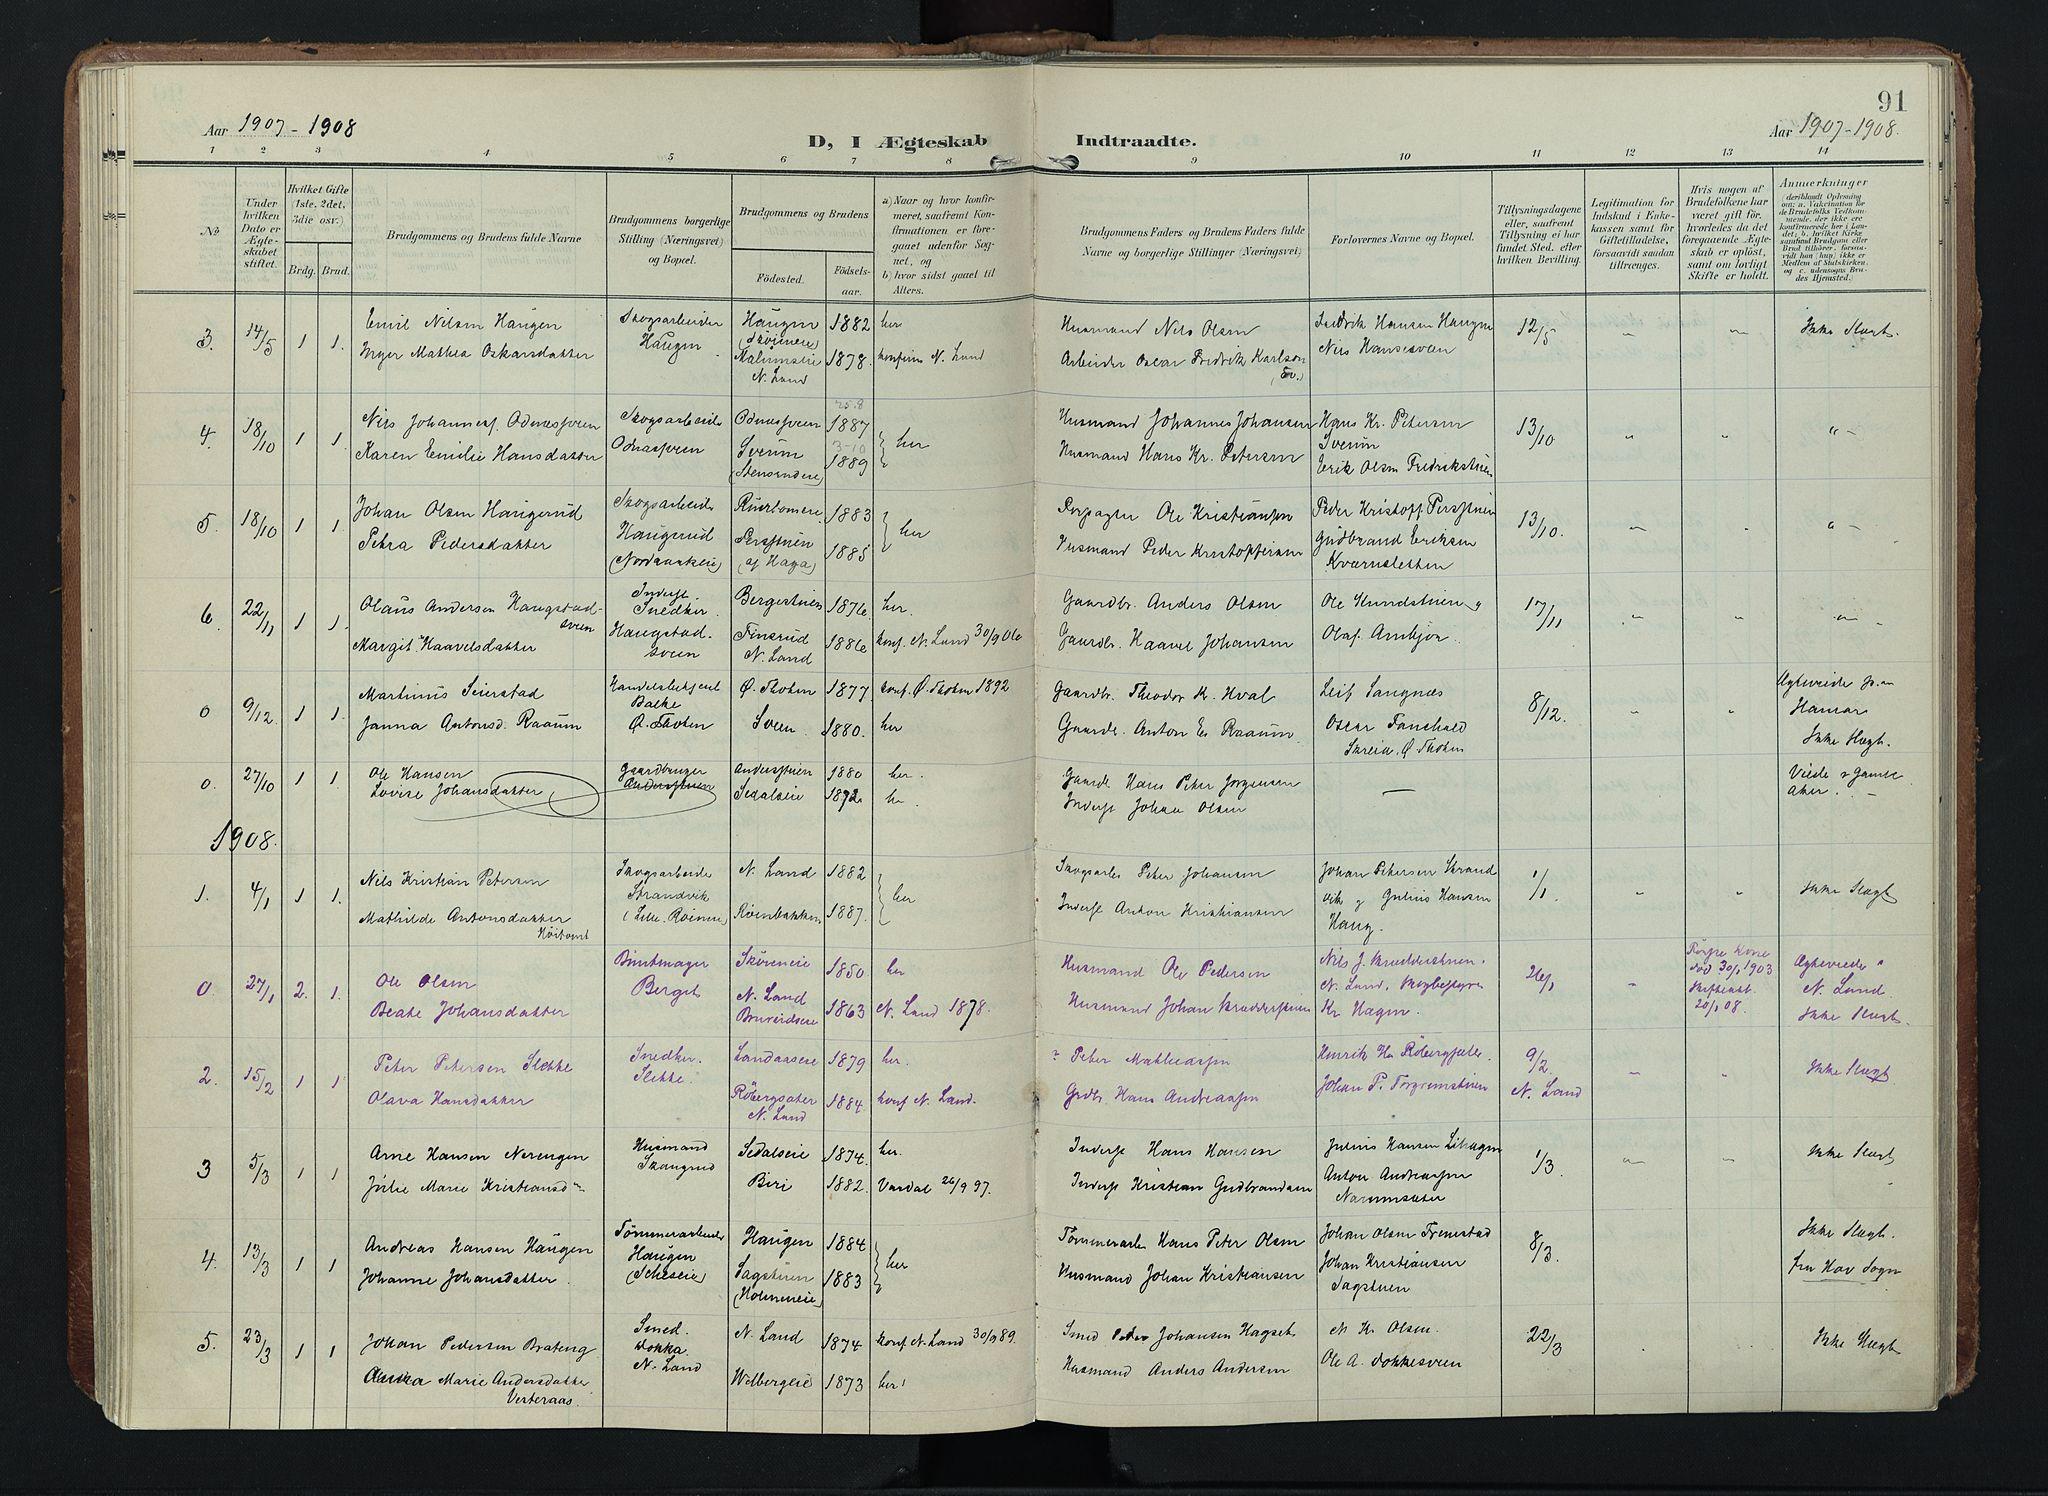 SAH, Søndre Land prestekontor, K/L0005: Ministerialbok nr. 5, 1905-1914, s. 91